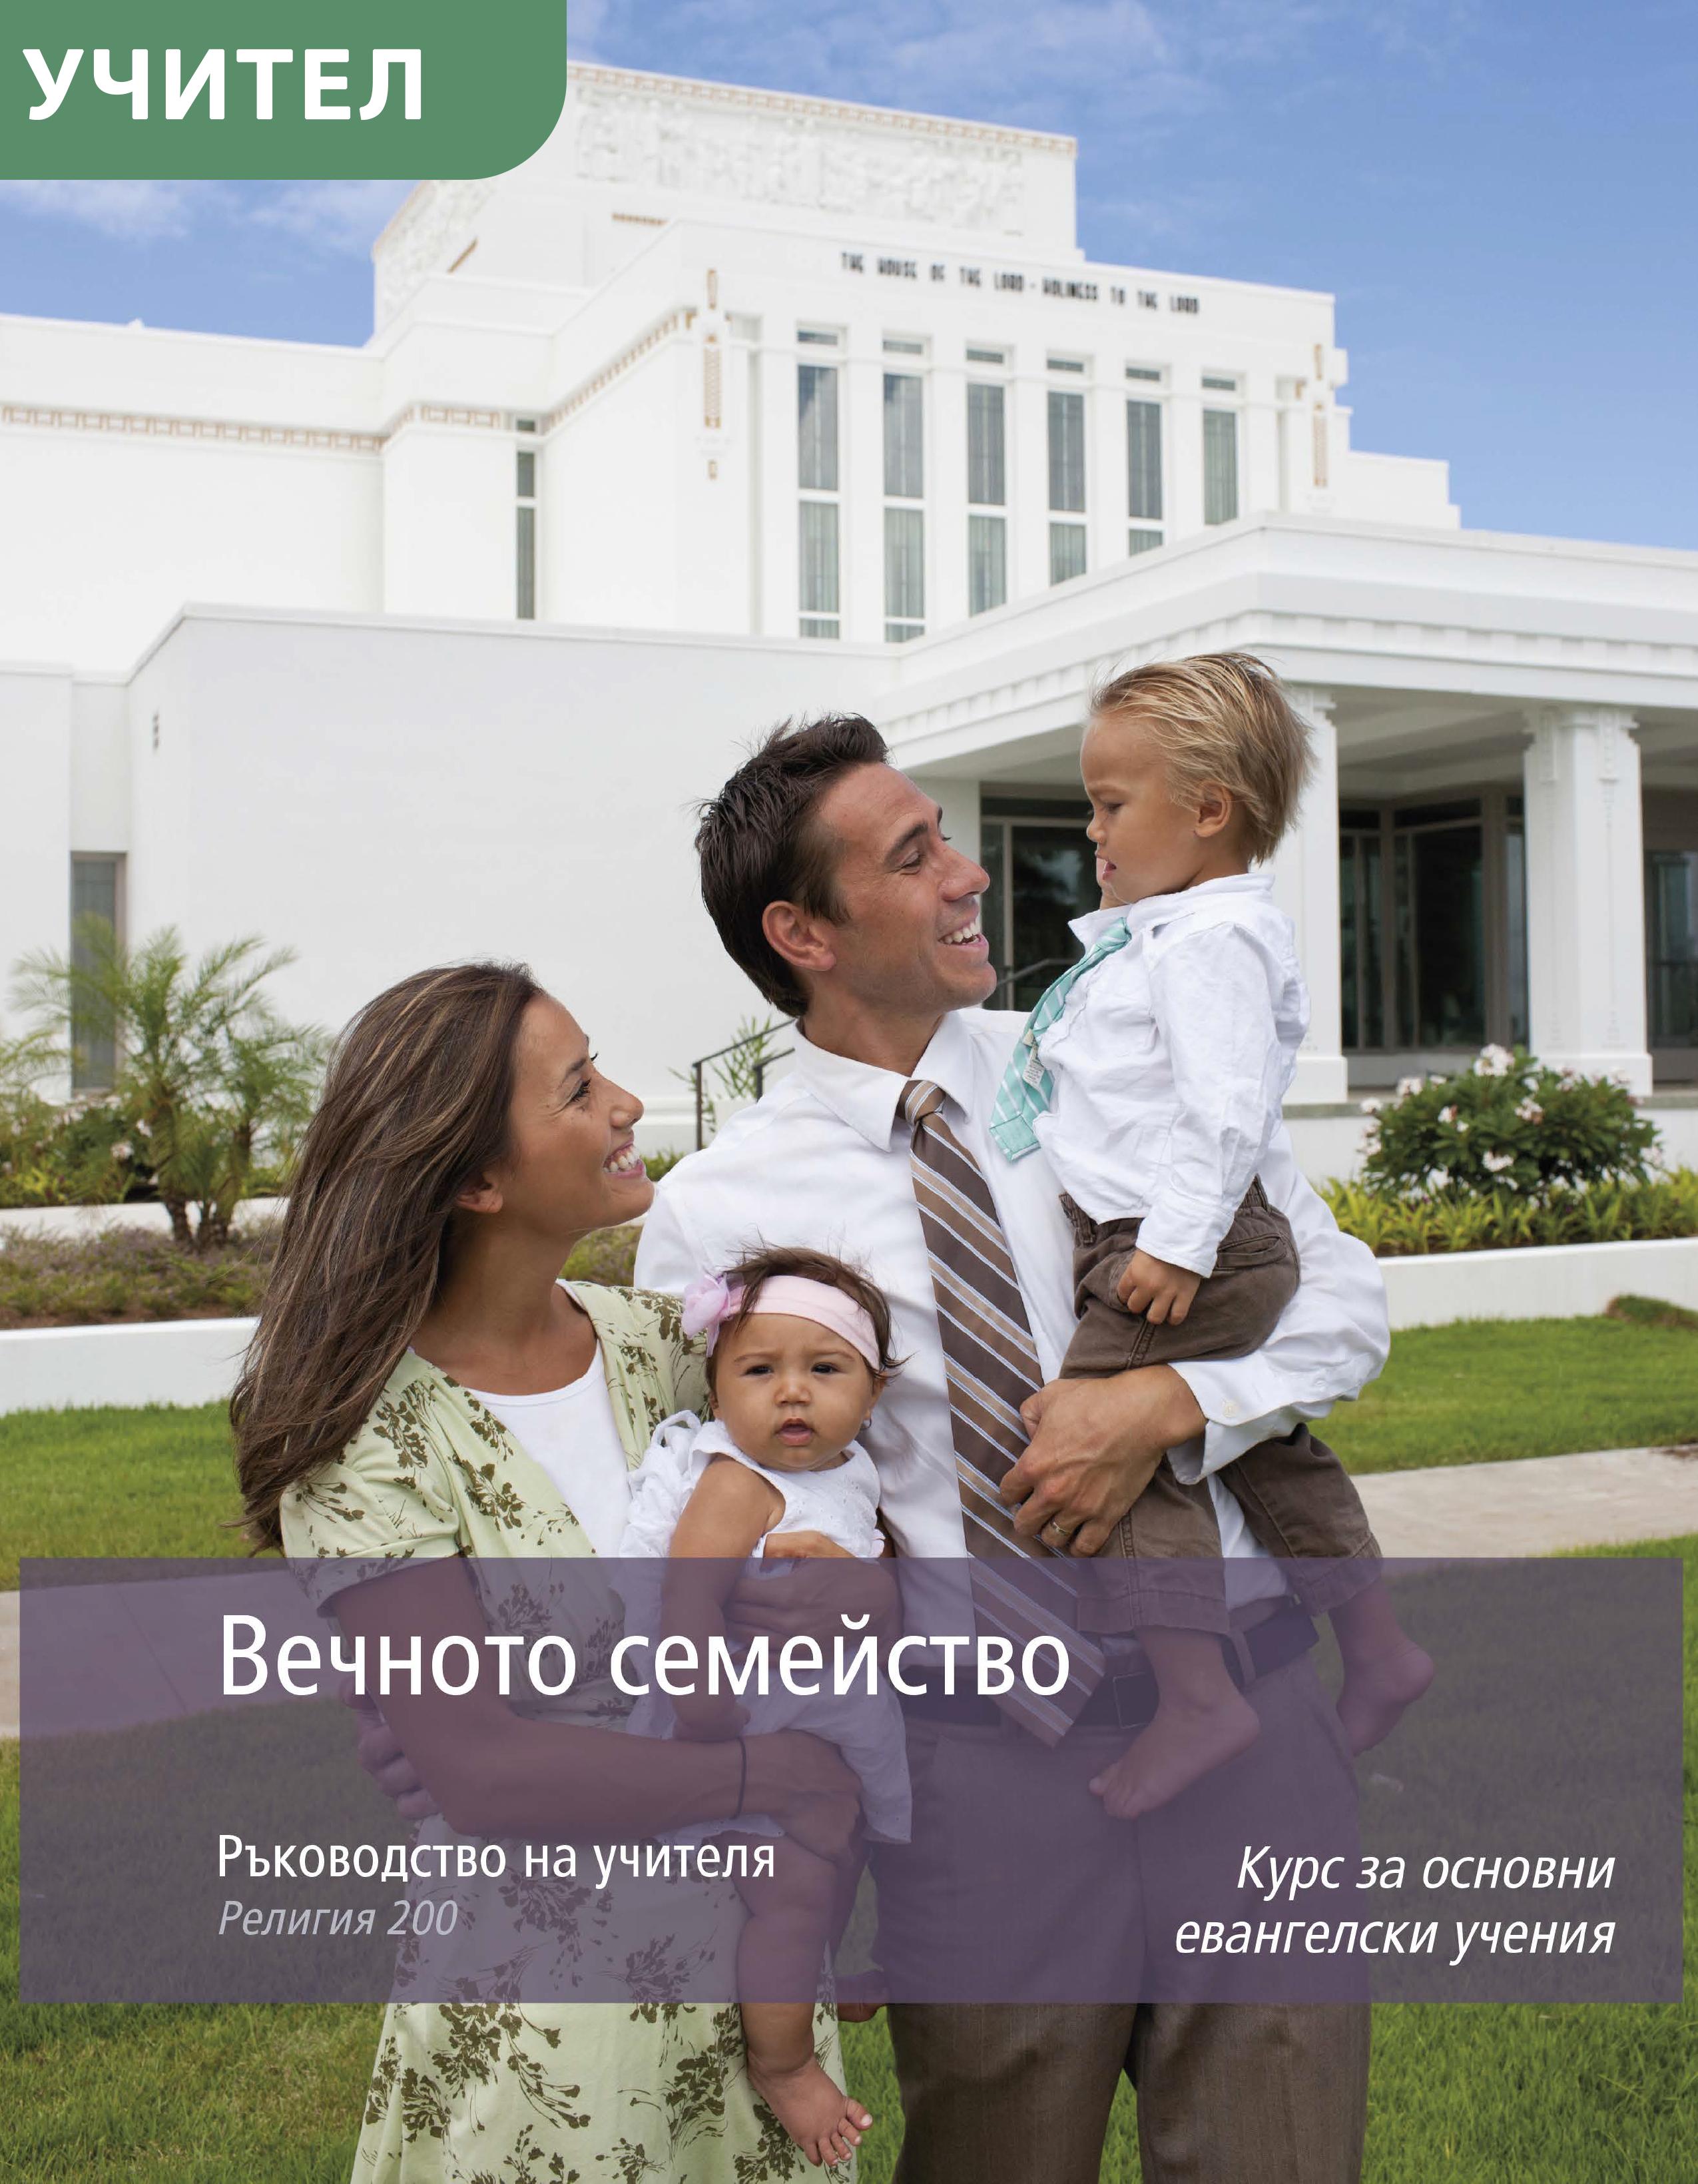 Вечното семейство: ръководство за учителя (Религия 200)